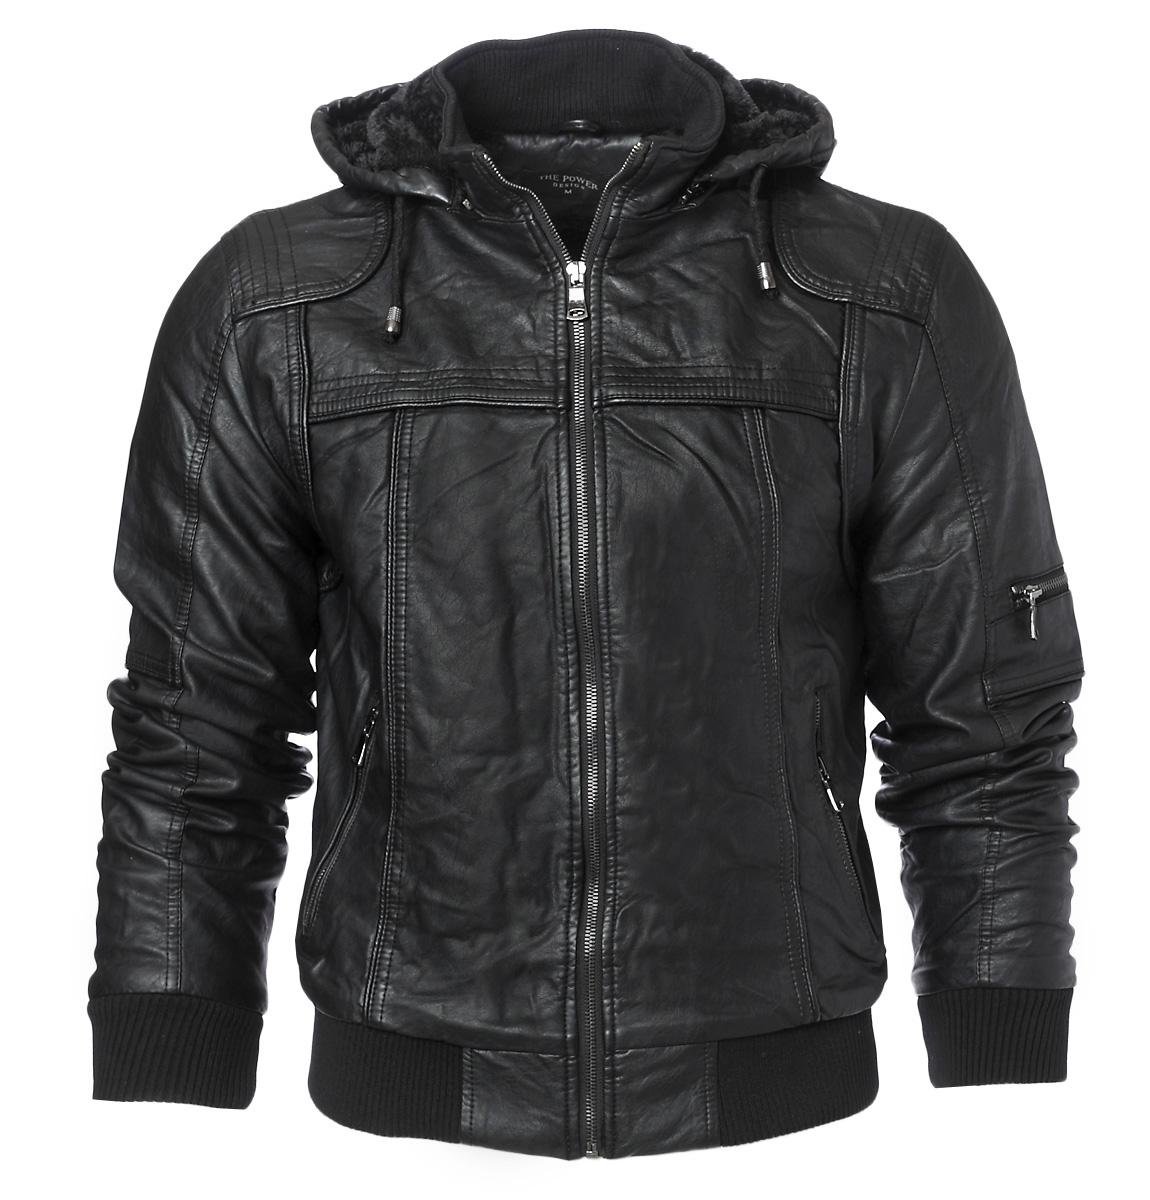 Ανδρικό Μπουφάν Black αρχική ανδρικά ρούχα μπουφάν